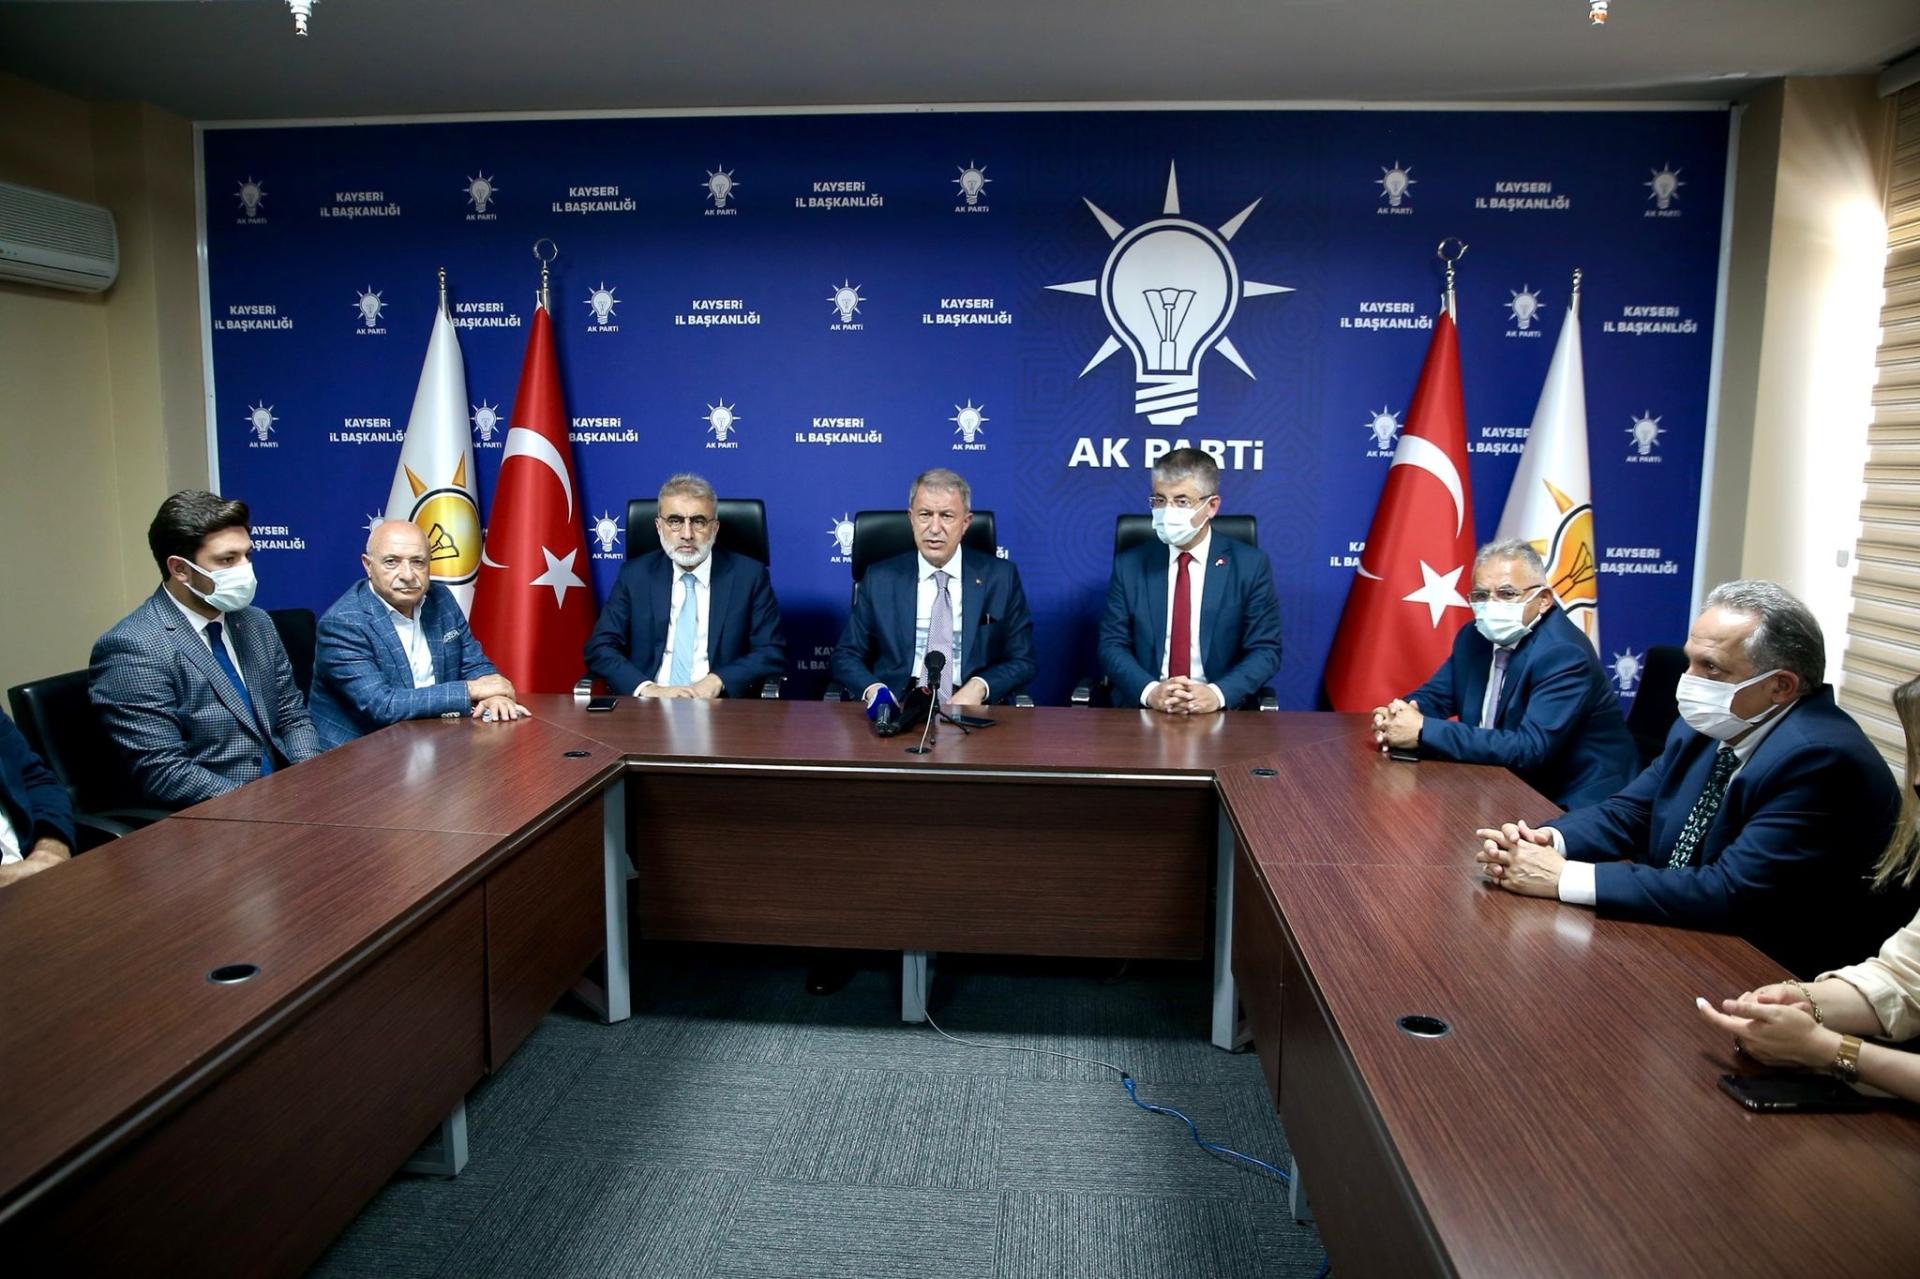 Başkan Büyükkılıç, Bakan Akar ile Birlikte Cumhurbaşkanı Erdoğan'ın Bayramlaşma Programına Katıldı